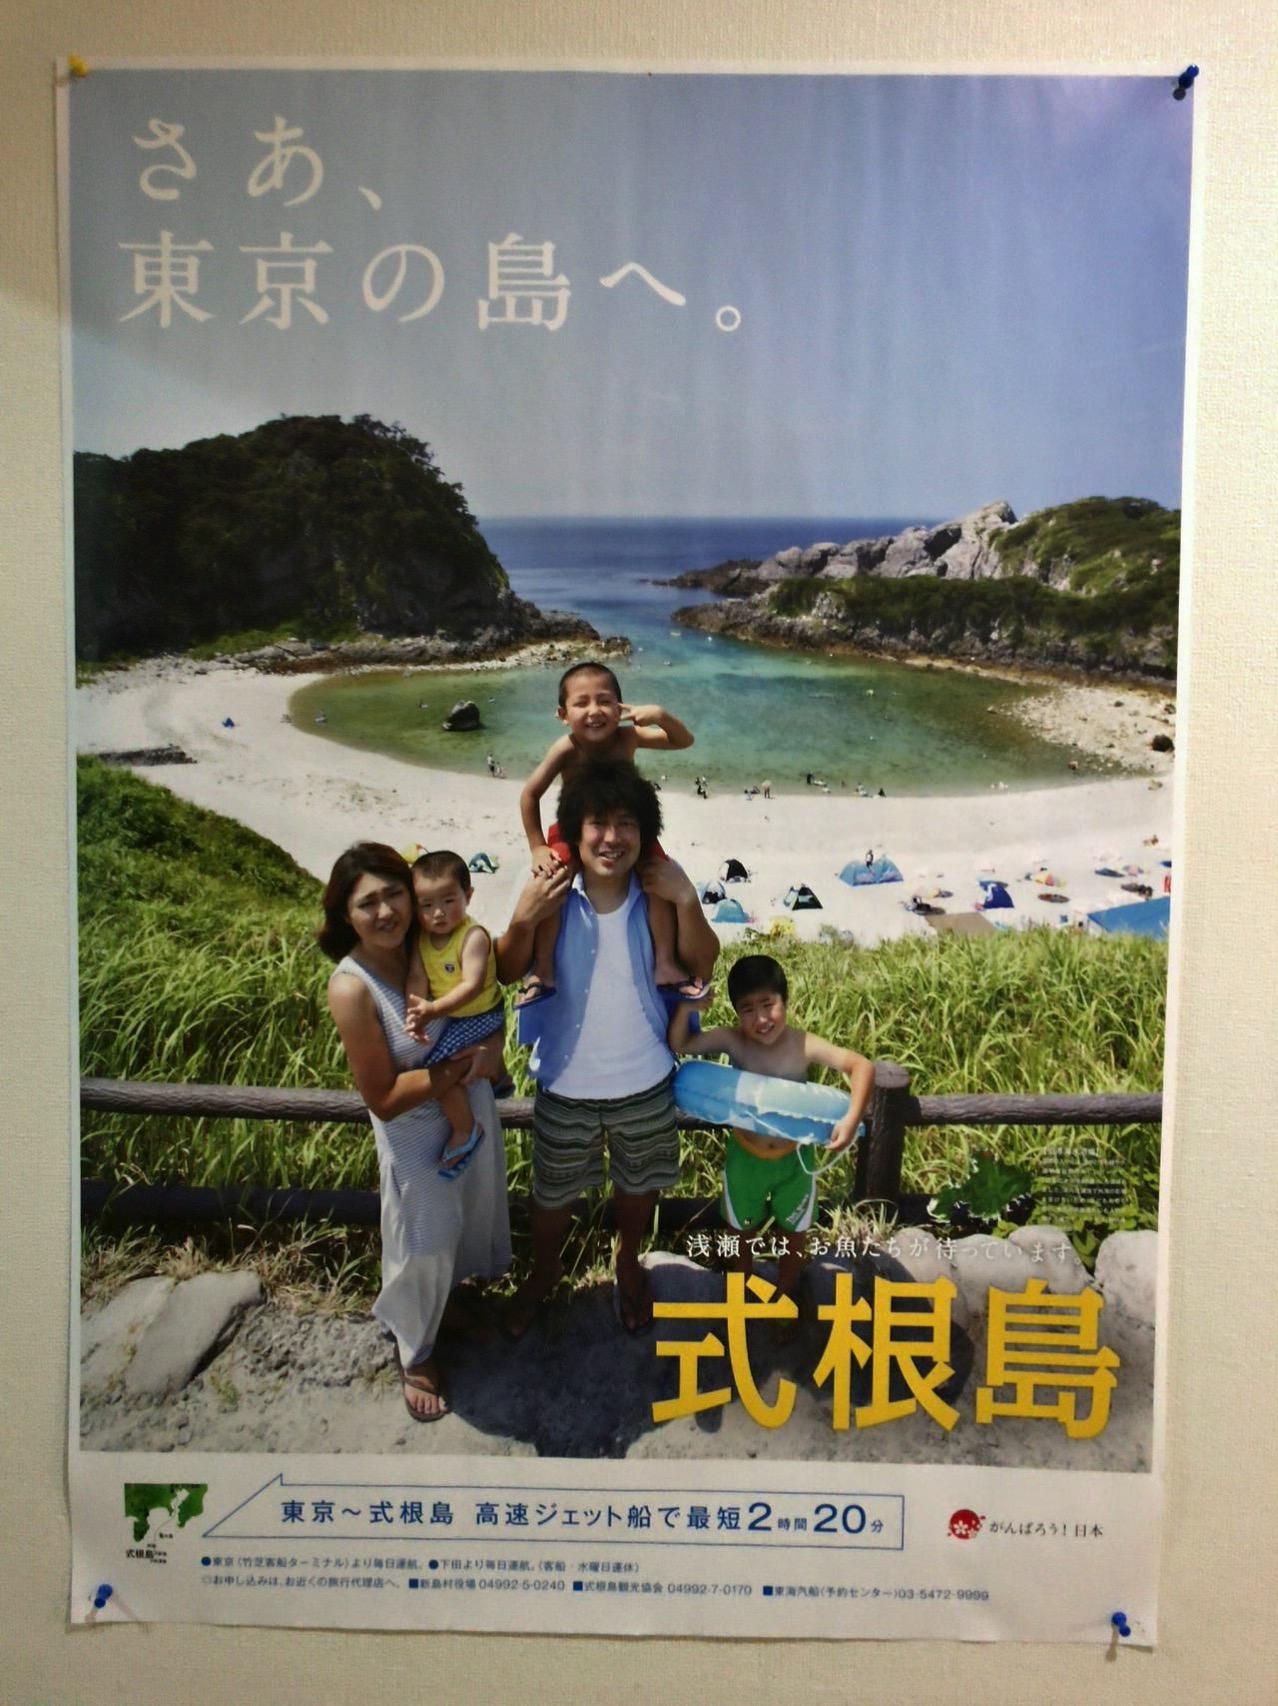 Niijima travel 2593